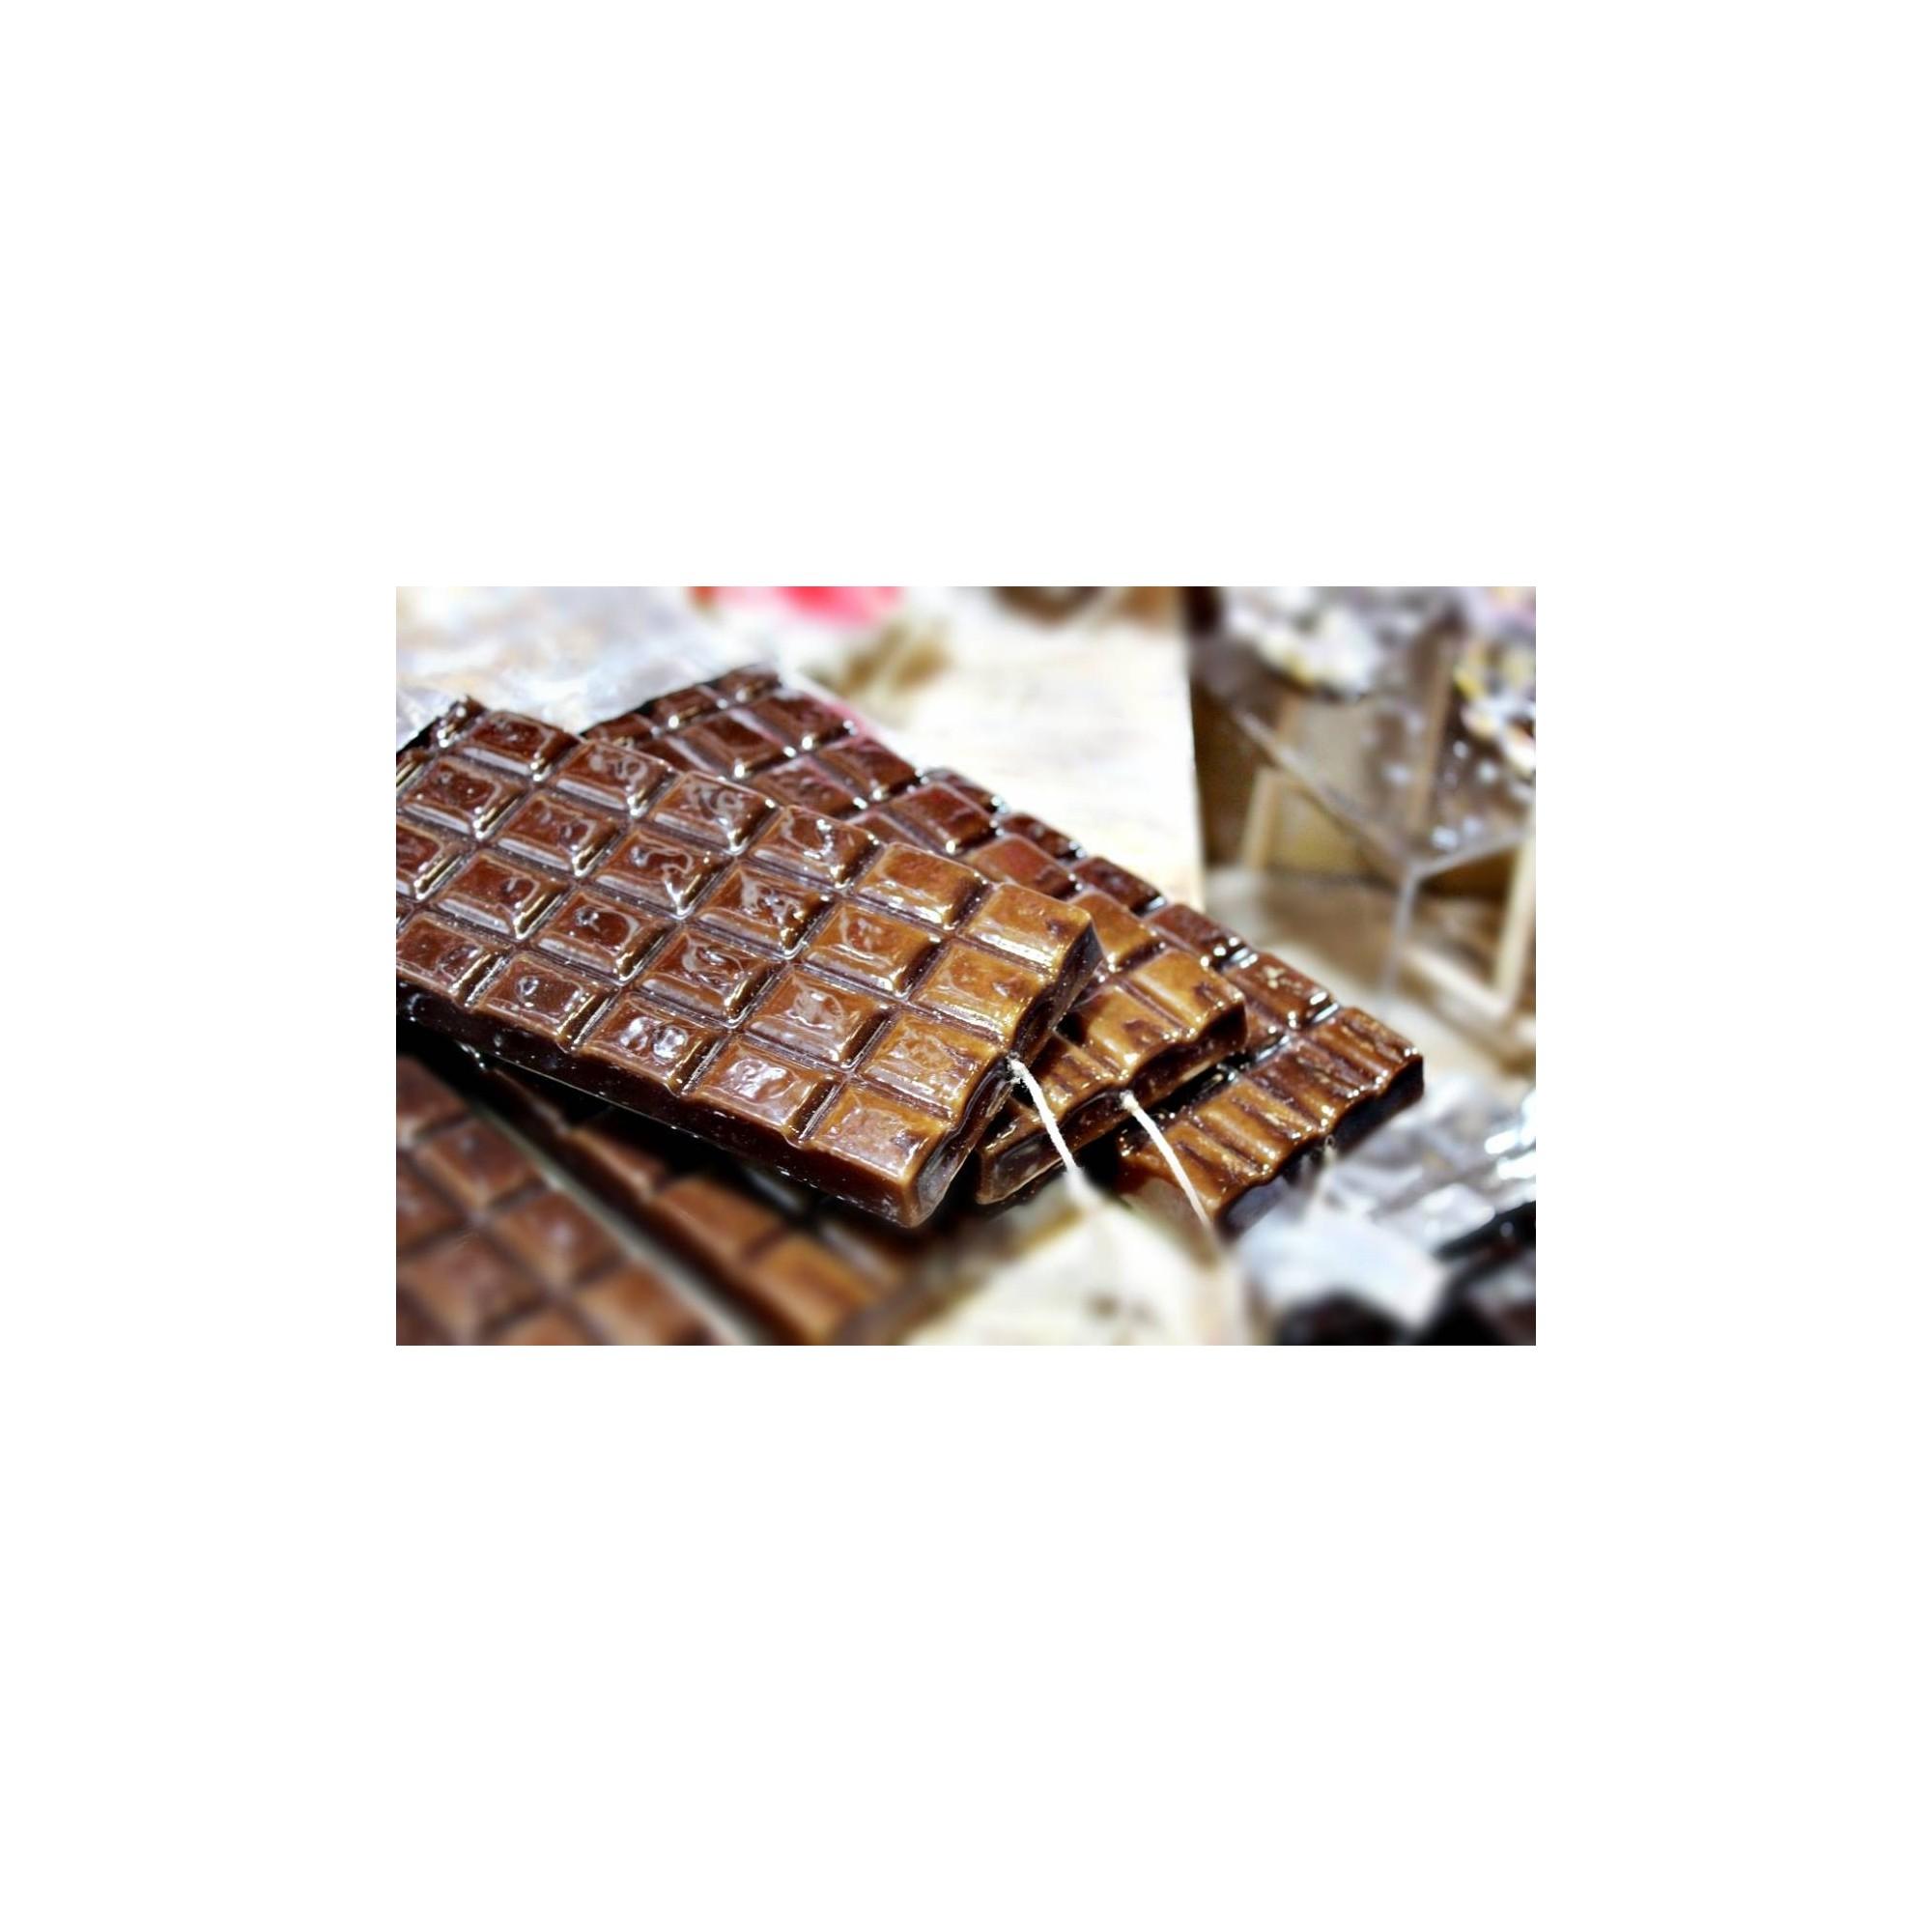 Λαμπάδα σοκολάτα - G1568